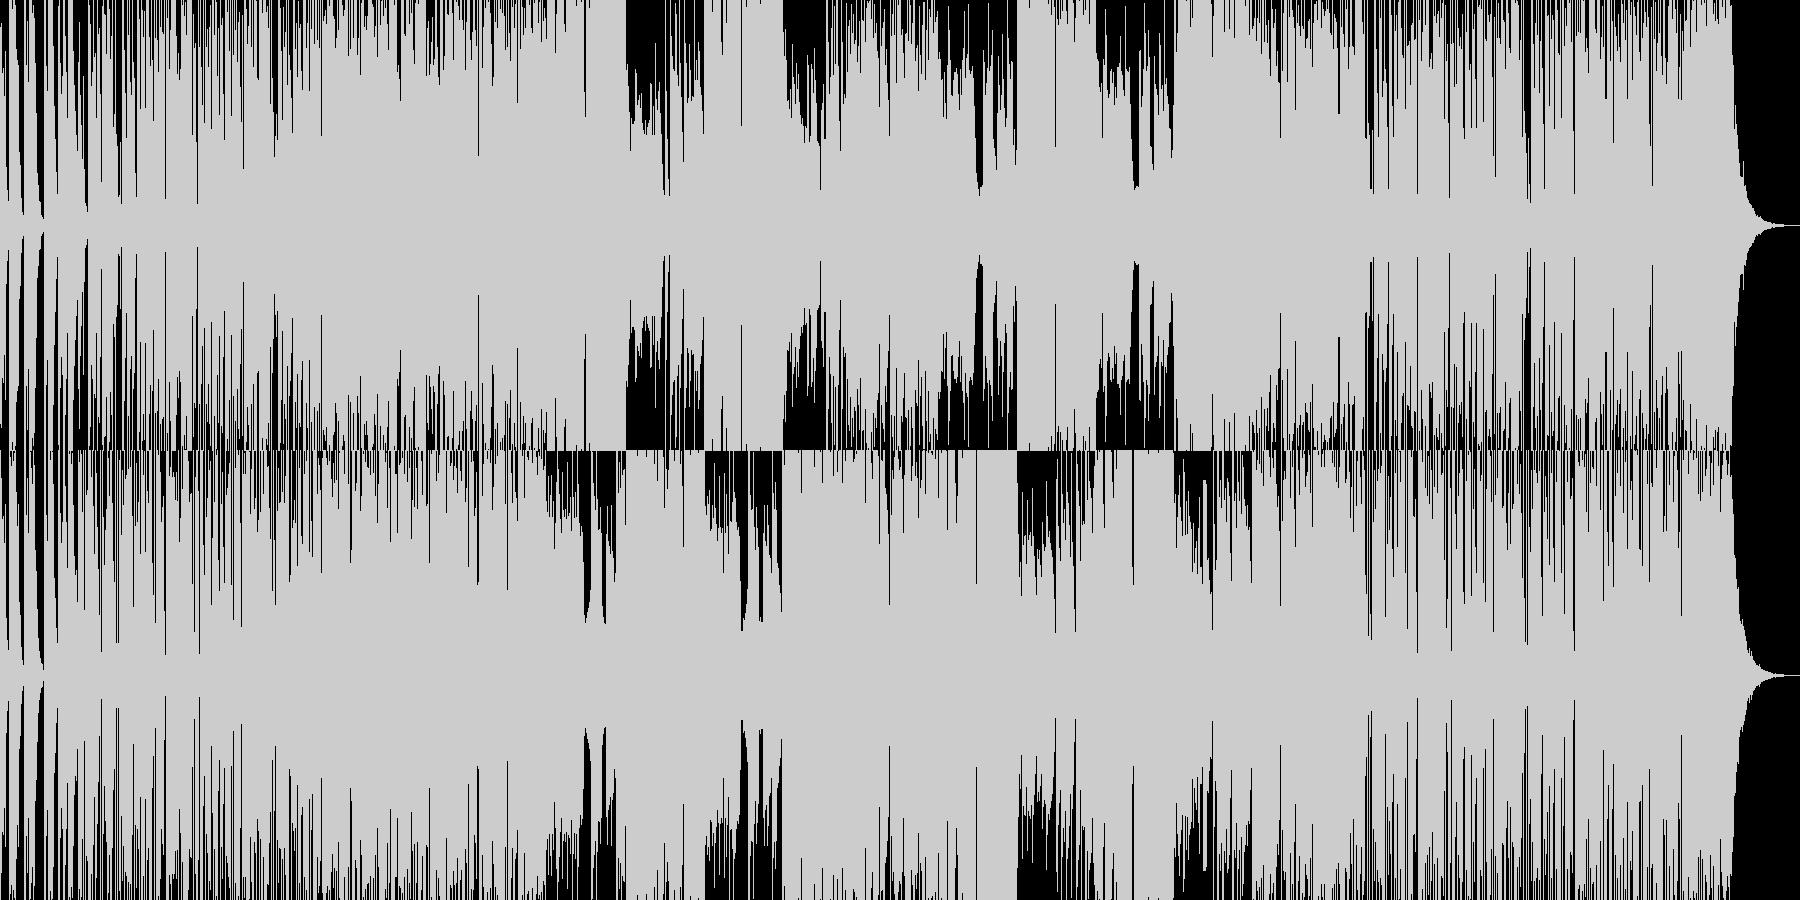 激しいEギタージングル01:30CM用の未再生の波形